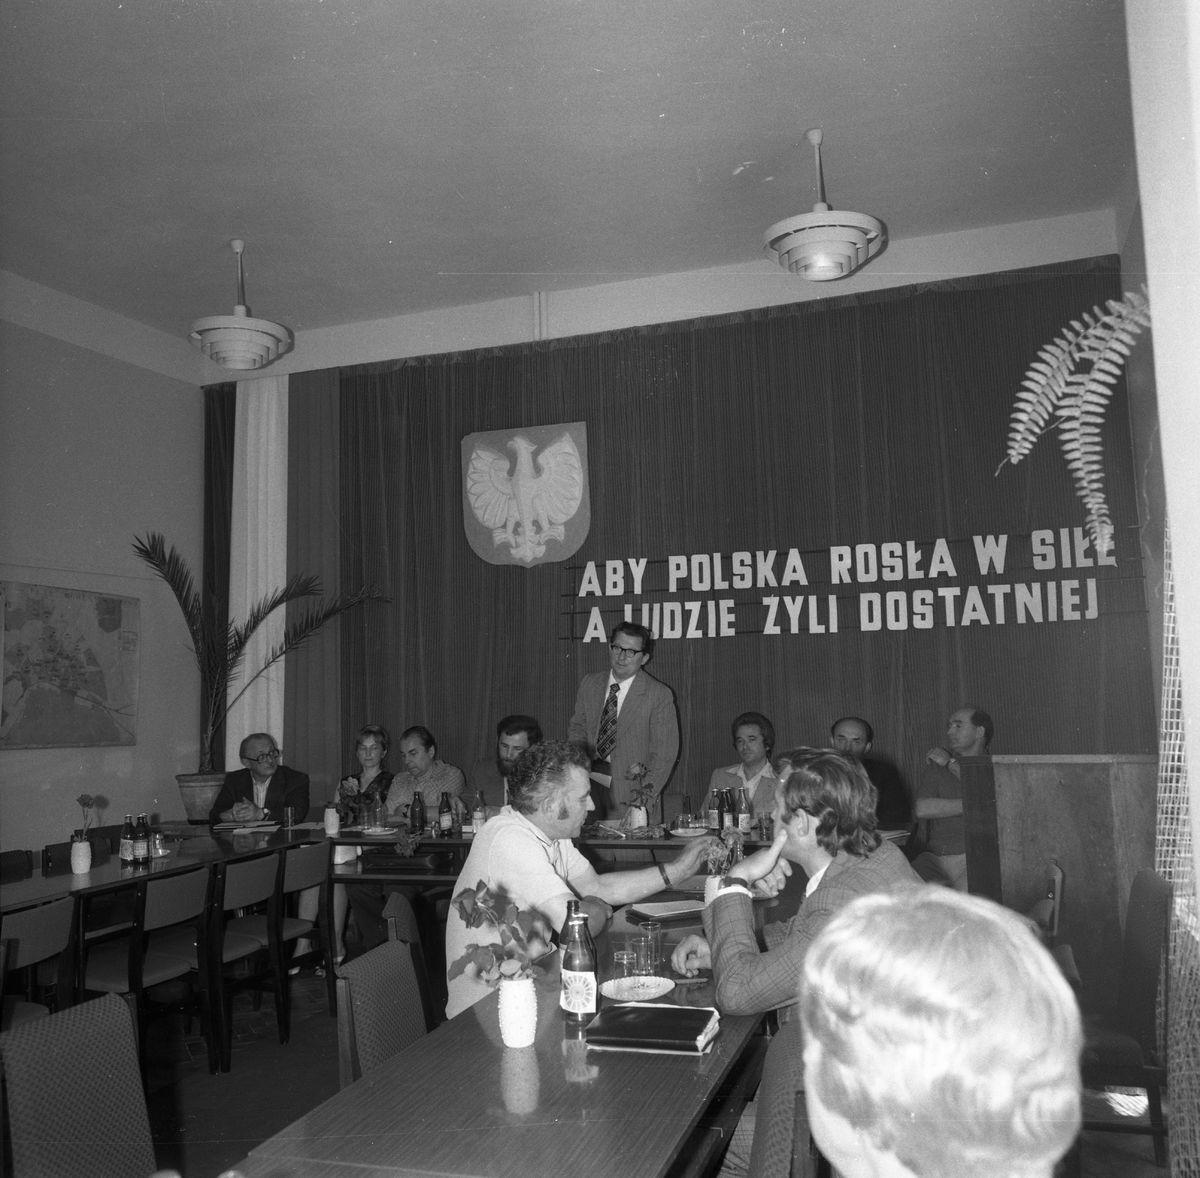 Uroczysta Sesja Miejskiej Rady Narodowej, 1975 r. [4]